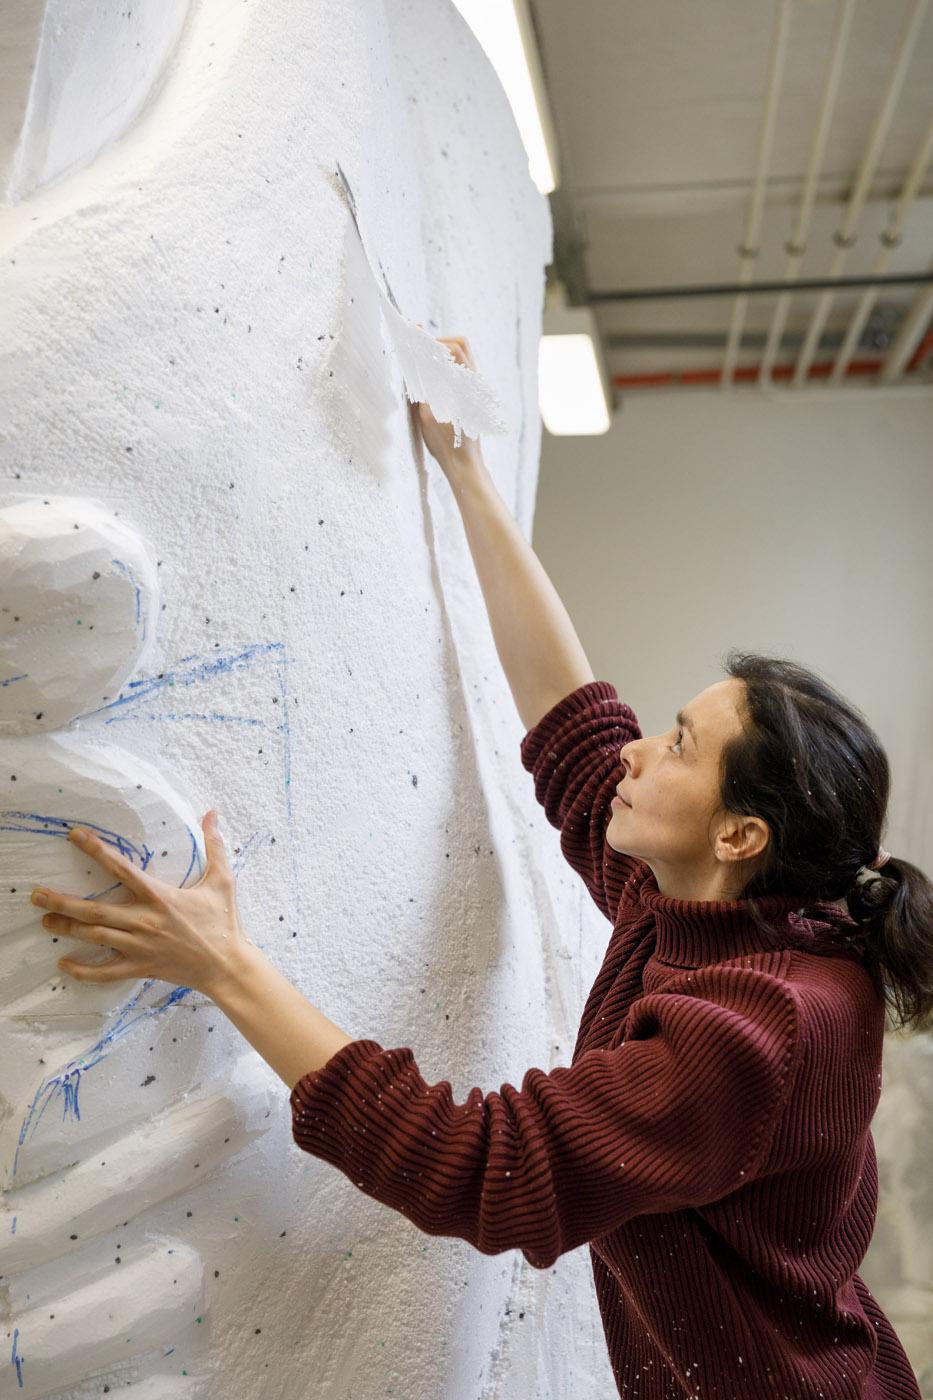 Bildhauerin bei der Arbeit Styroporskulptur Schnitzen Messer